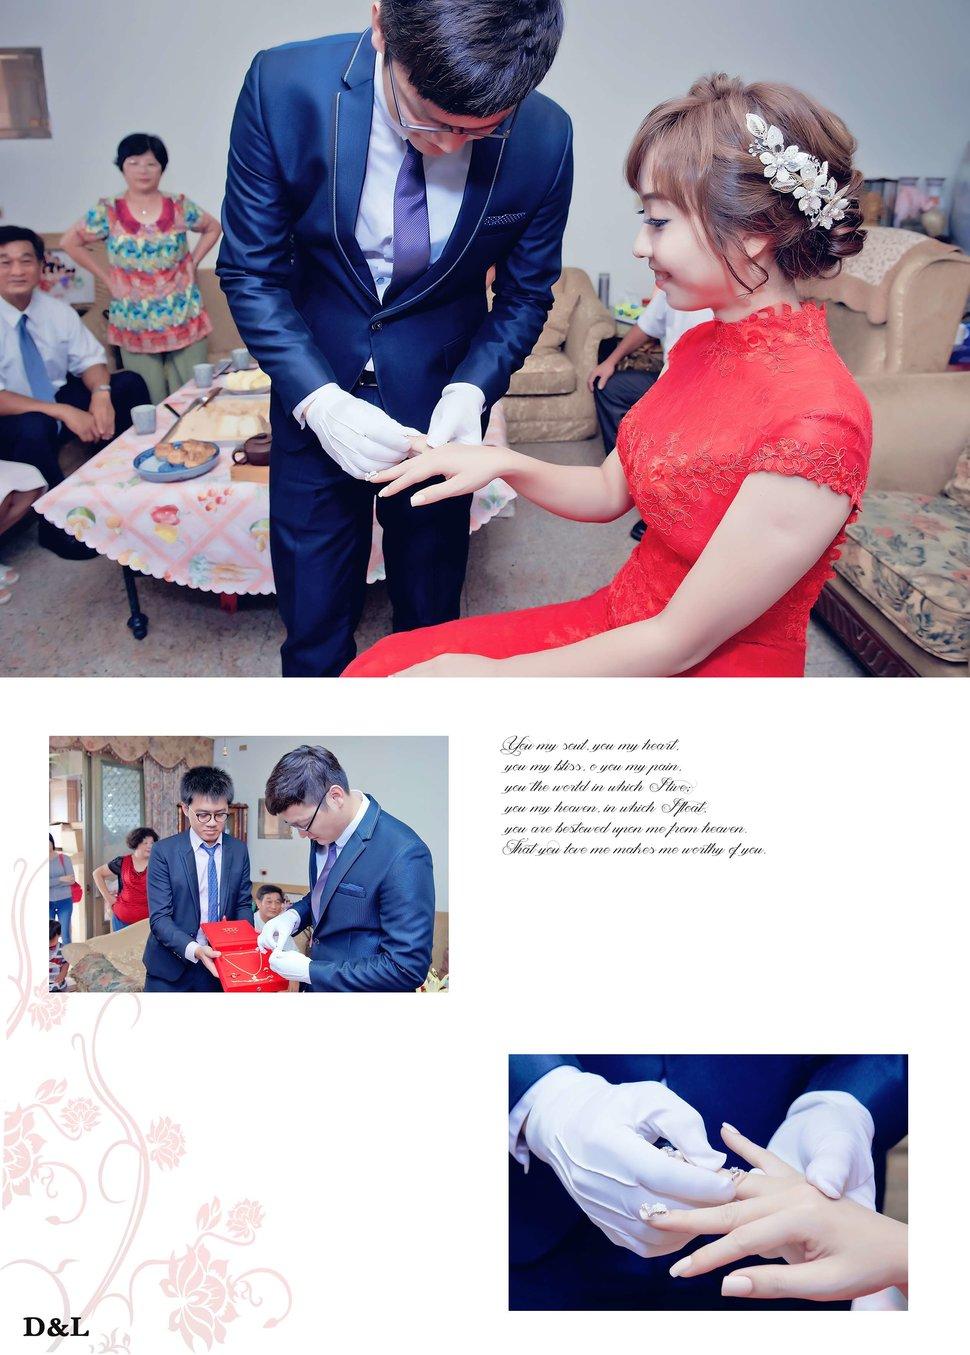 台中婚攝 婚禮紀錄 嘉捷&莉卿-臻愛婚宴會館豐原(編號:300026) - D&L 婚禮事務-婚紗攝影/婚禮記錄 - 結婚吧